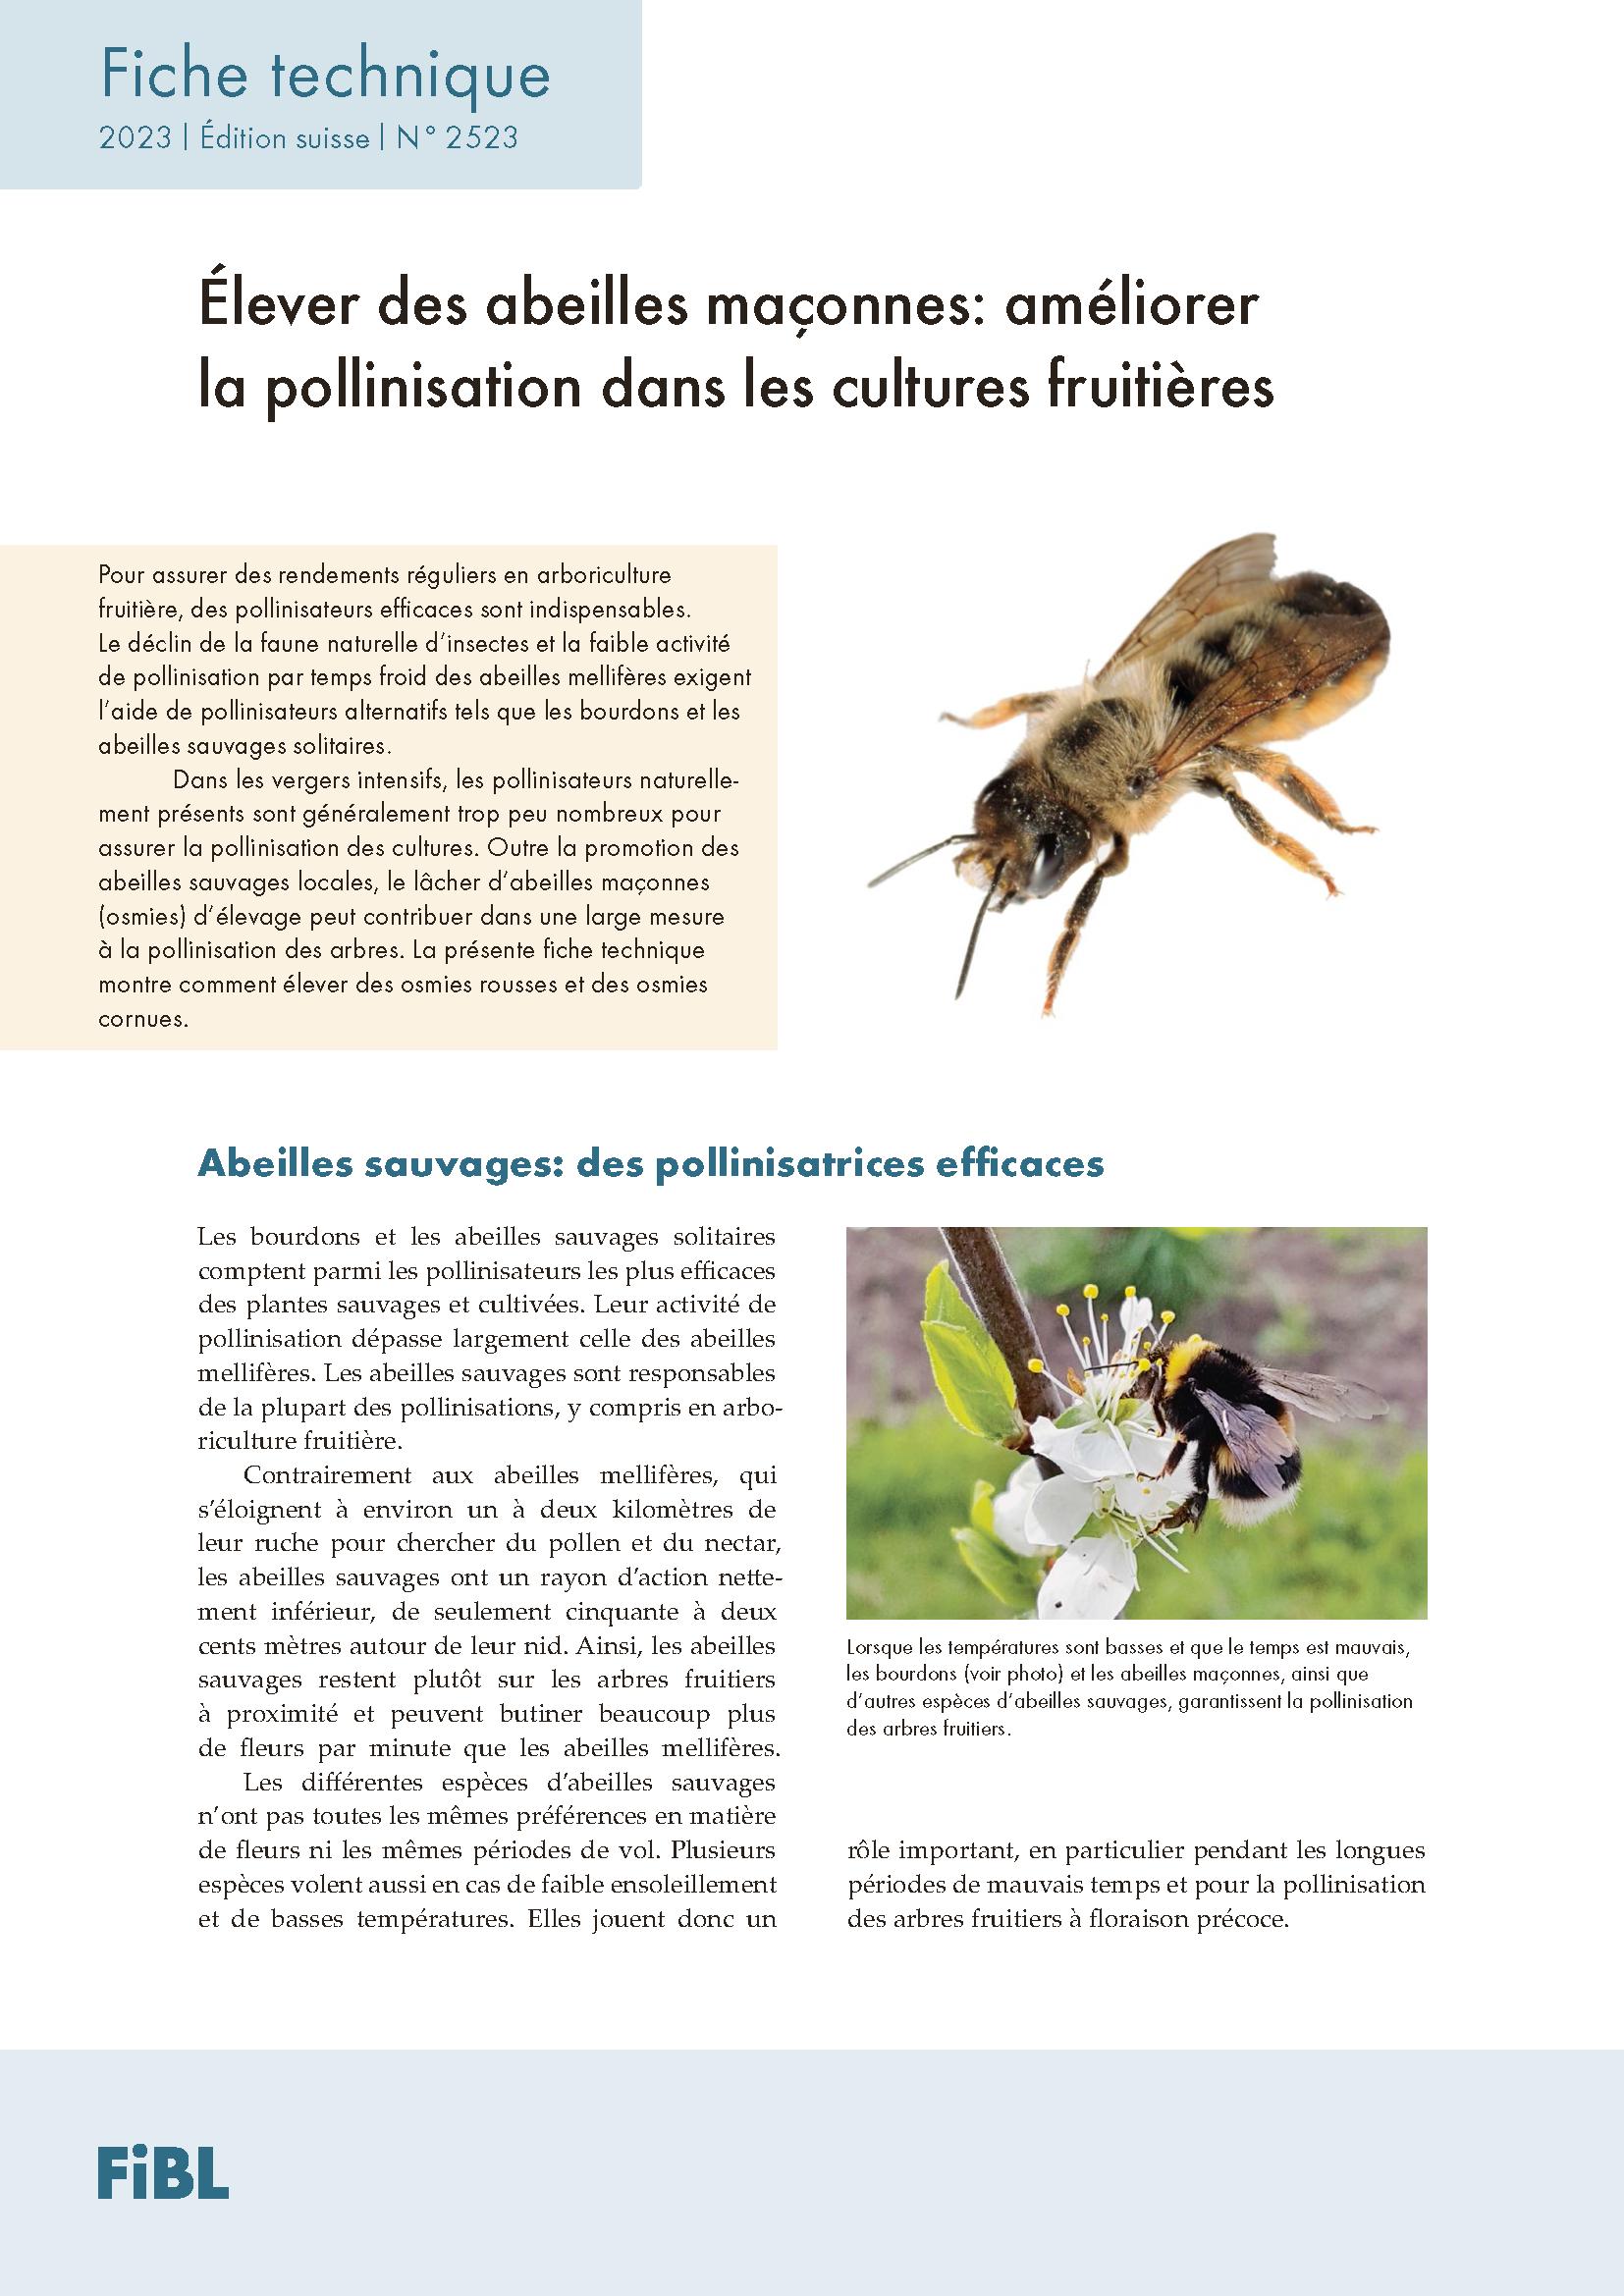 Les abeilles maçonnes, pollinisatrices efficaces